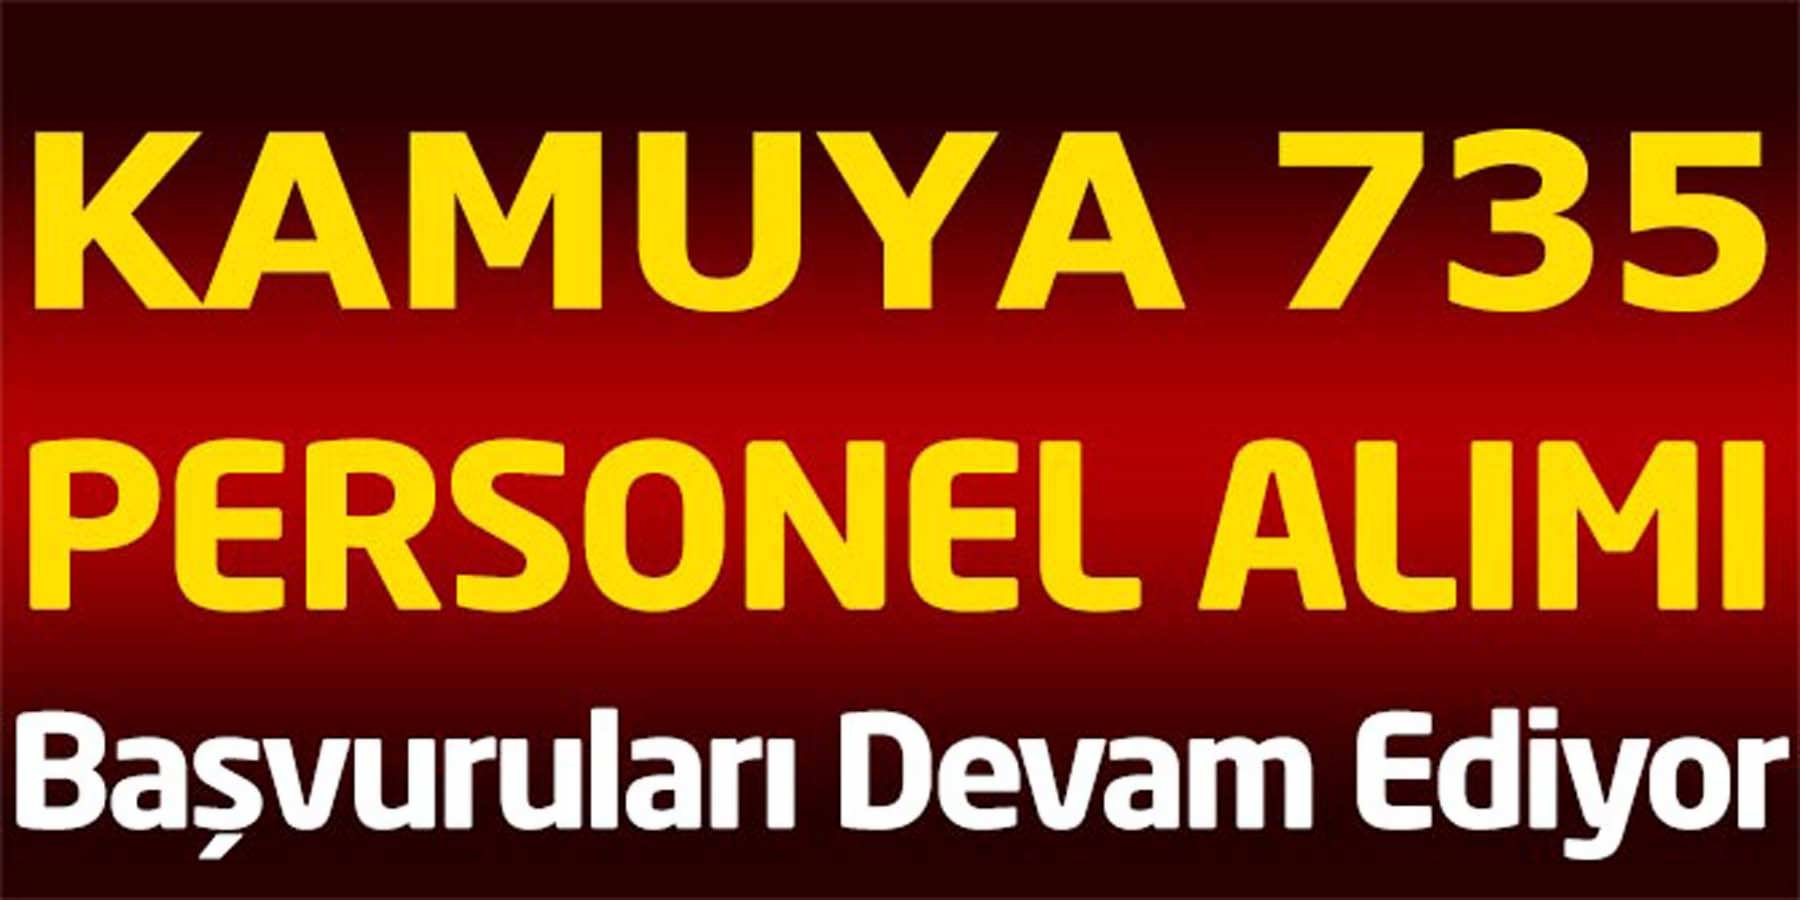 Kamuya 735 Sözleşmeli Kamu Personel Alımı Başvuruları Devam Ediyor